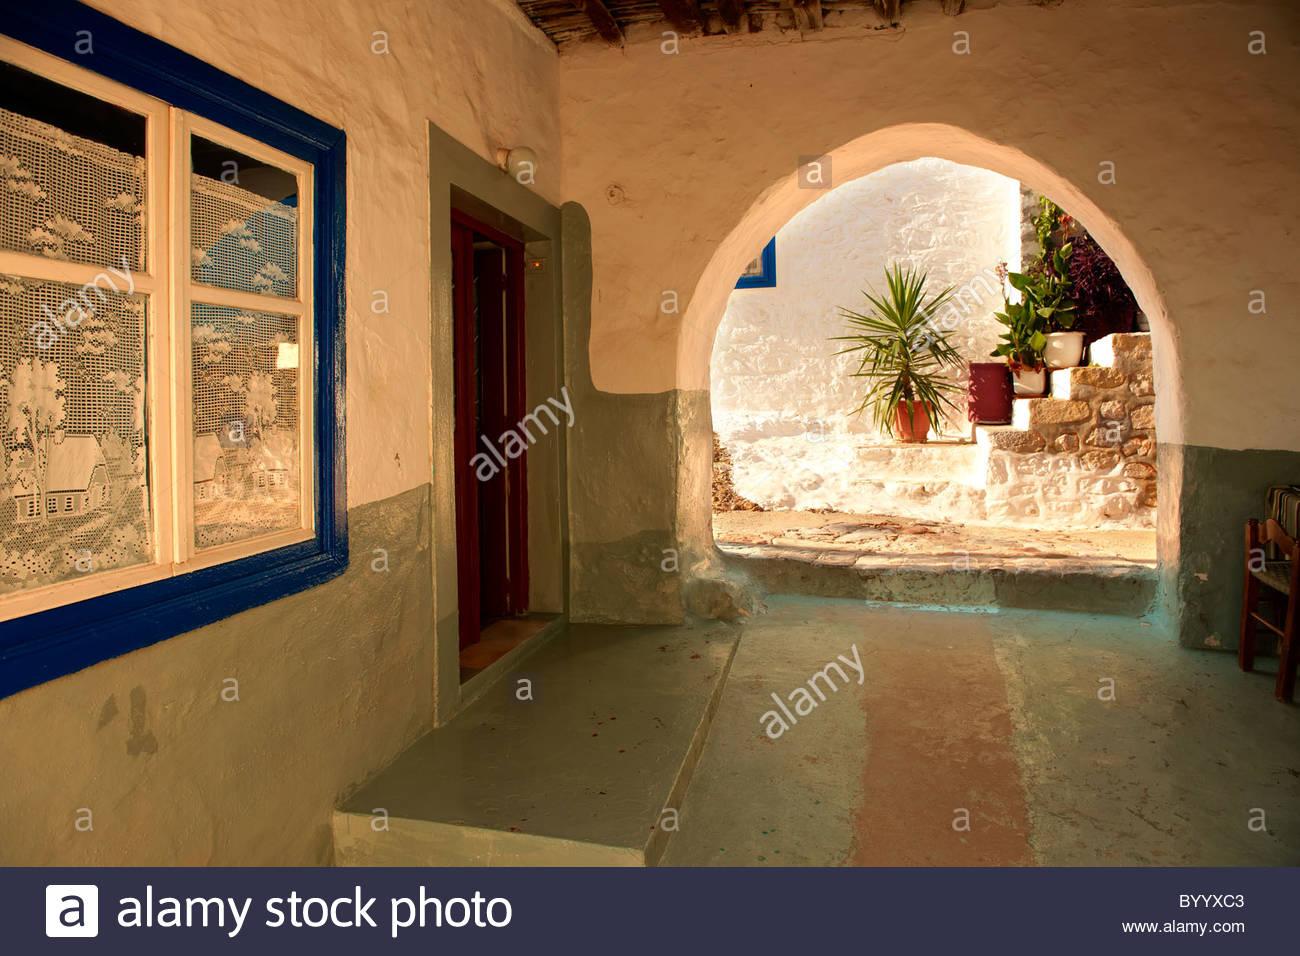 Rues étroites et maisons d'Hydra, Grec Iles Saroniques Photo Stock